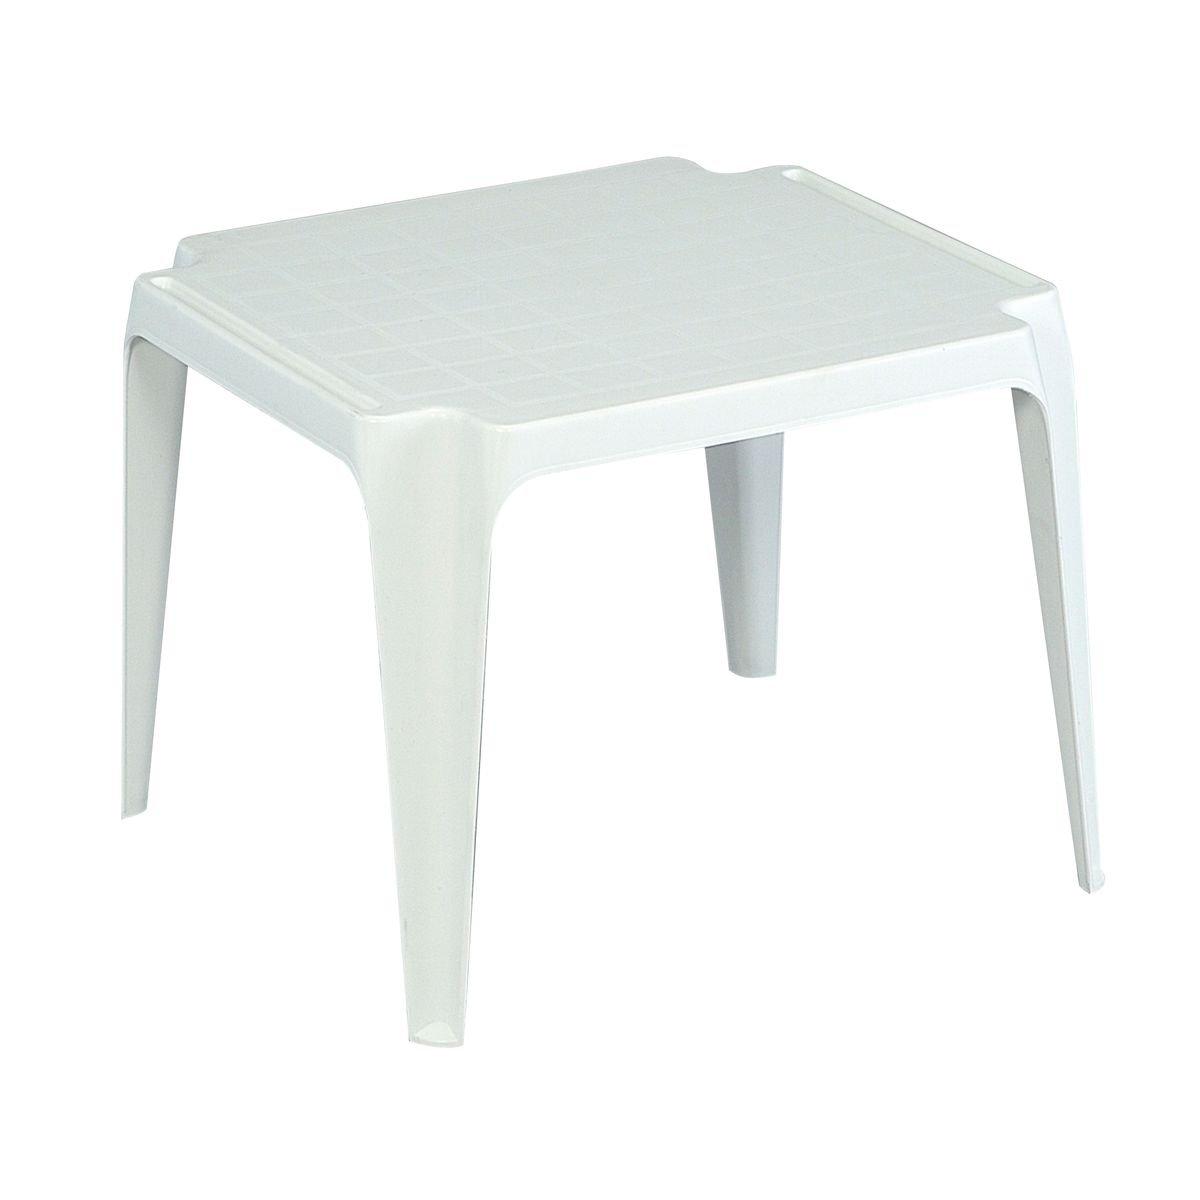 Fun Star 578010 Tavolo in plastica per bambini, bianco: Amazon.it ...